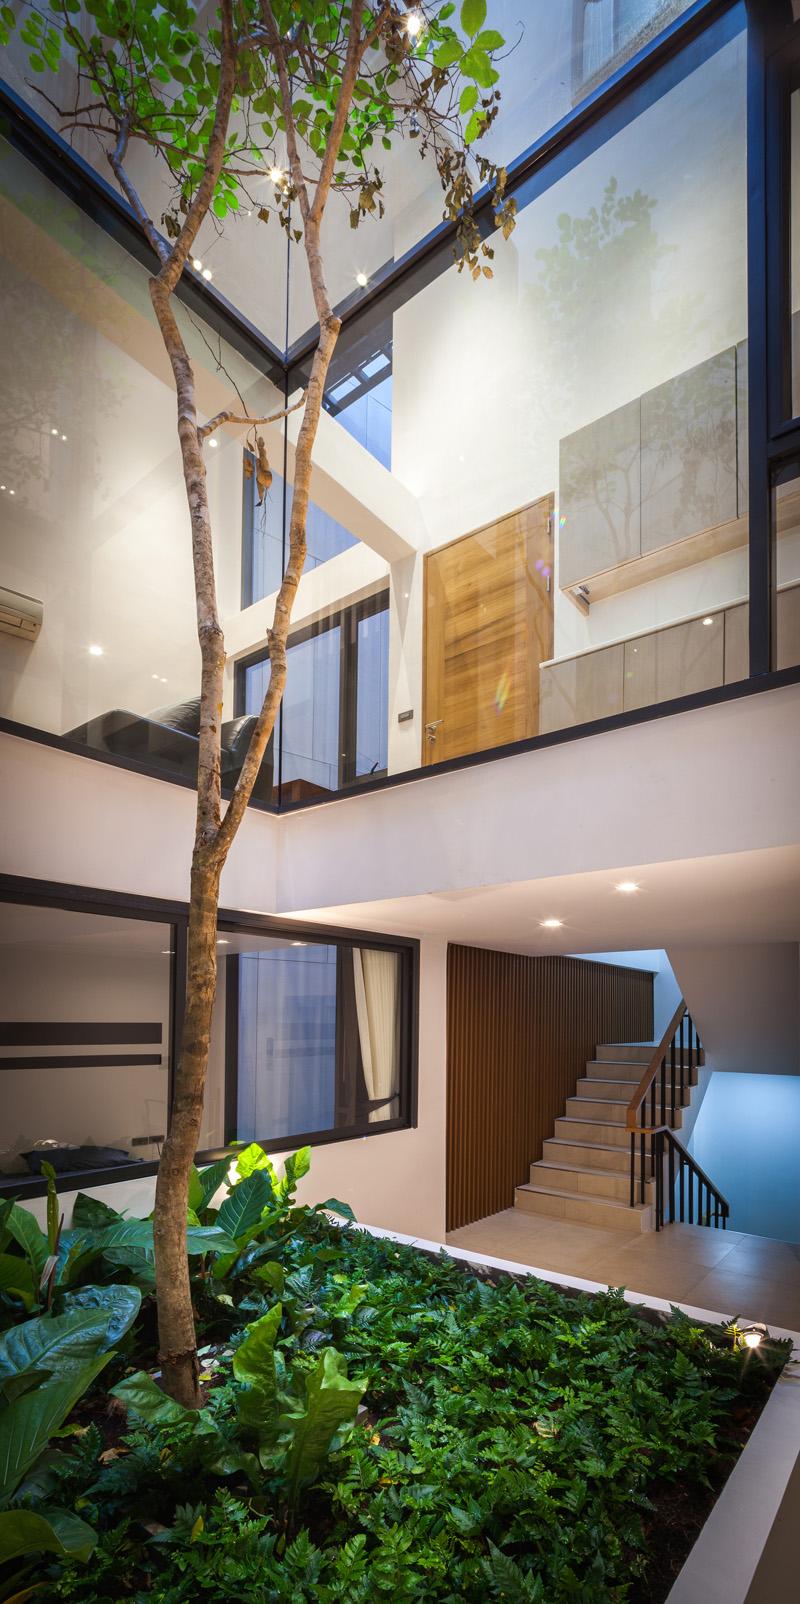 contemporary-architecture_030915_14